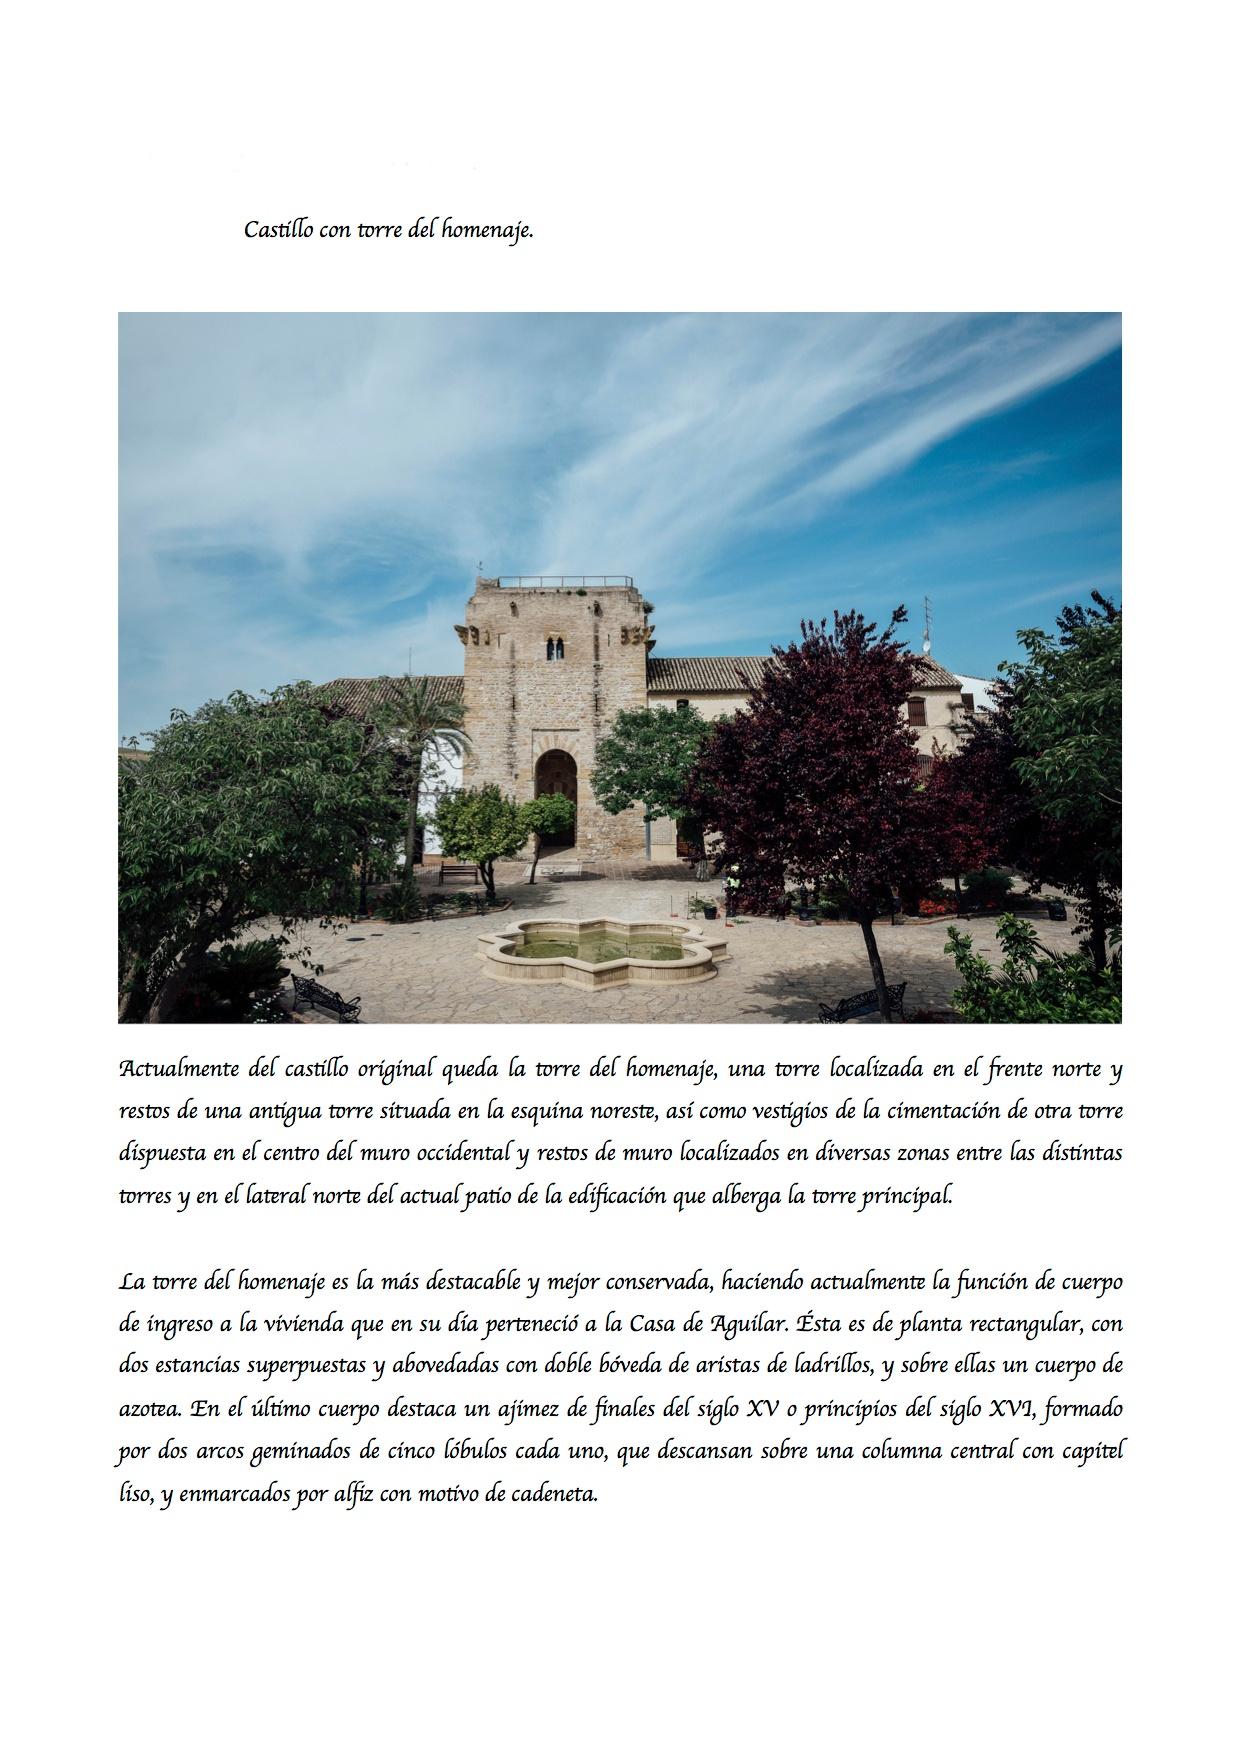 Castillo con torre del homenaje